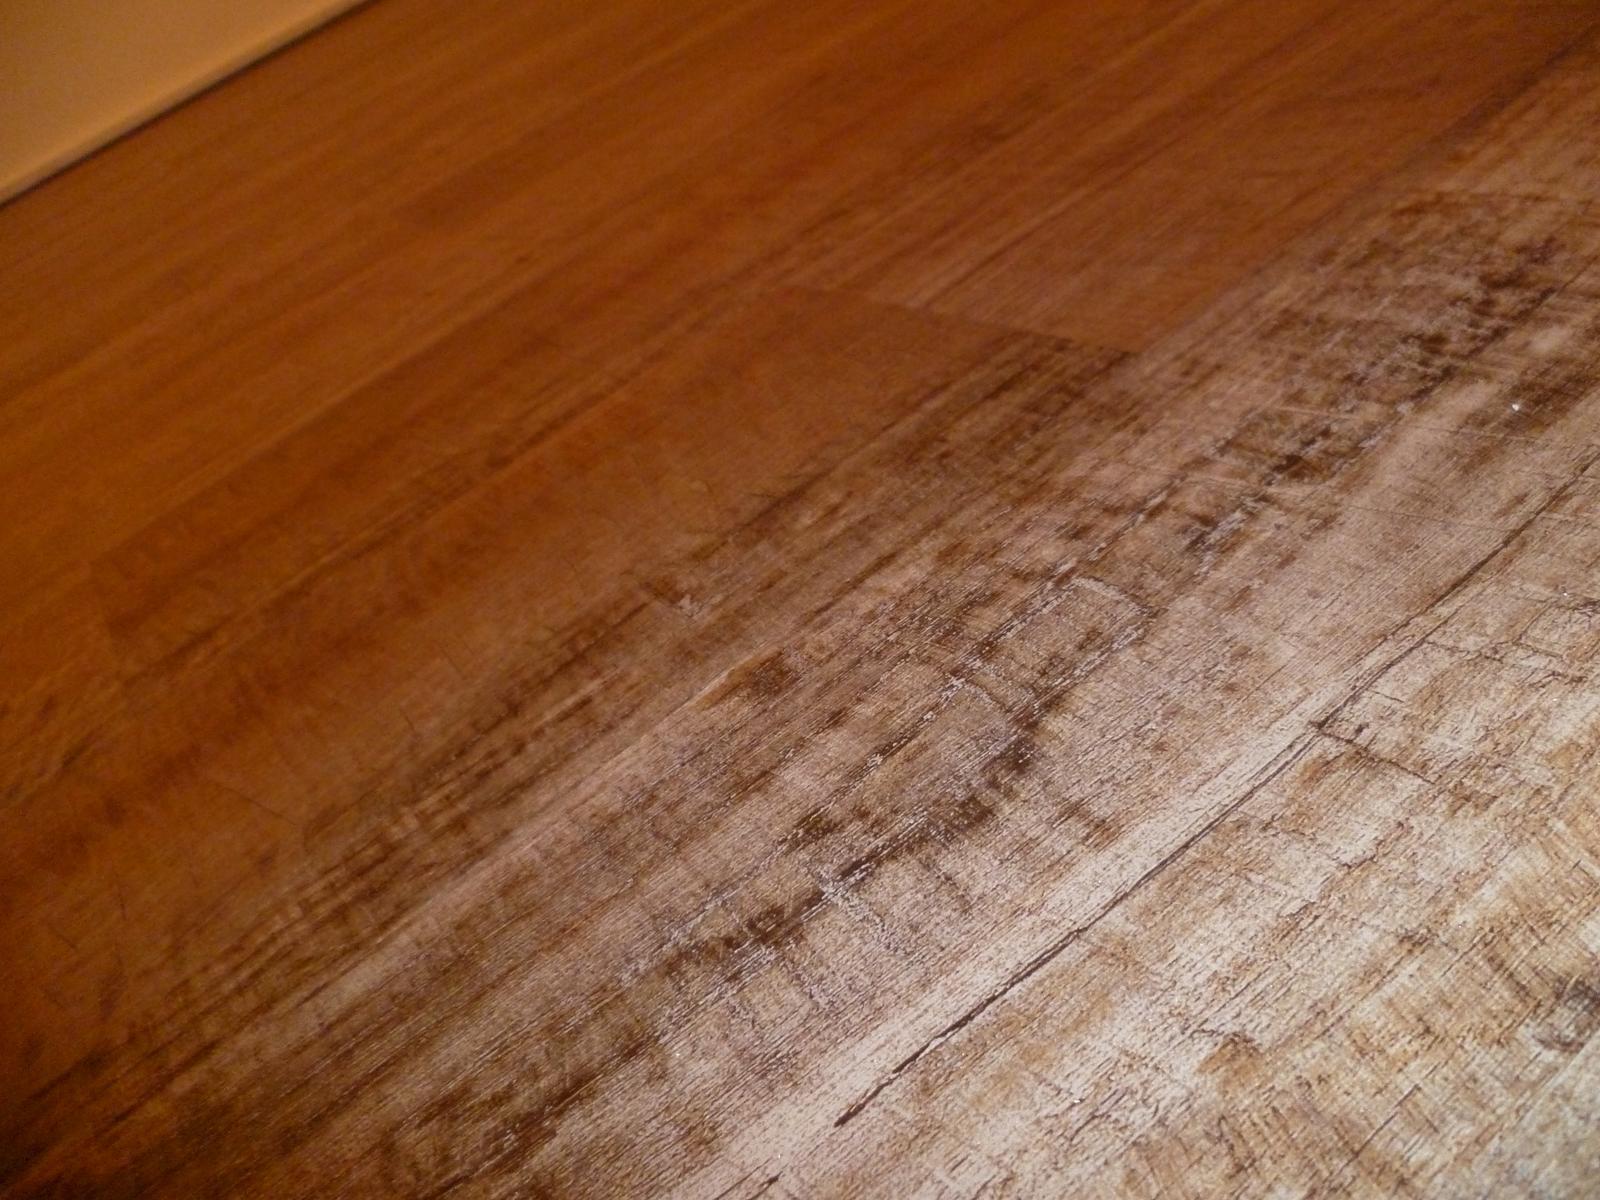 Máme položenou podlahu!! Jupííí :-) ...sice zatím bez lišt, ale je. Lepený vinyl Farmářské dřevo - a líbí :-) - Obrázek č. 1